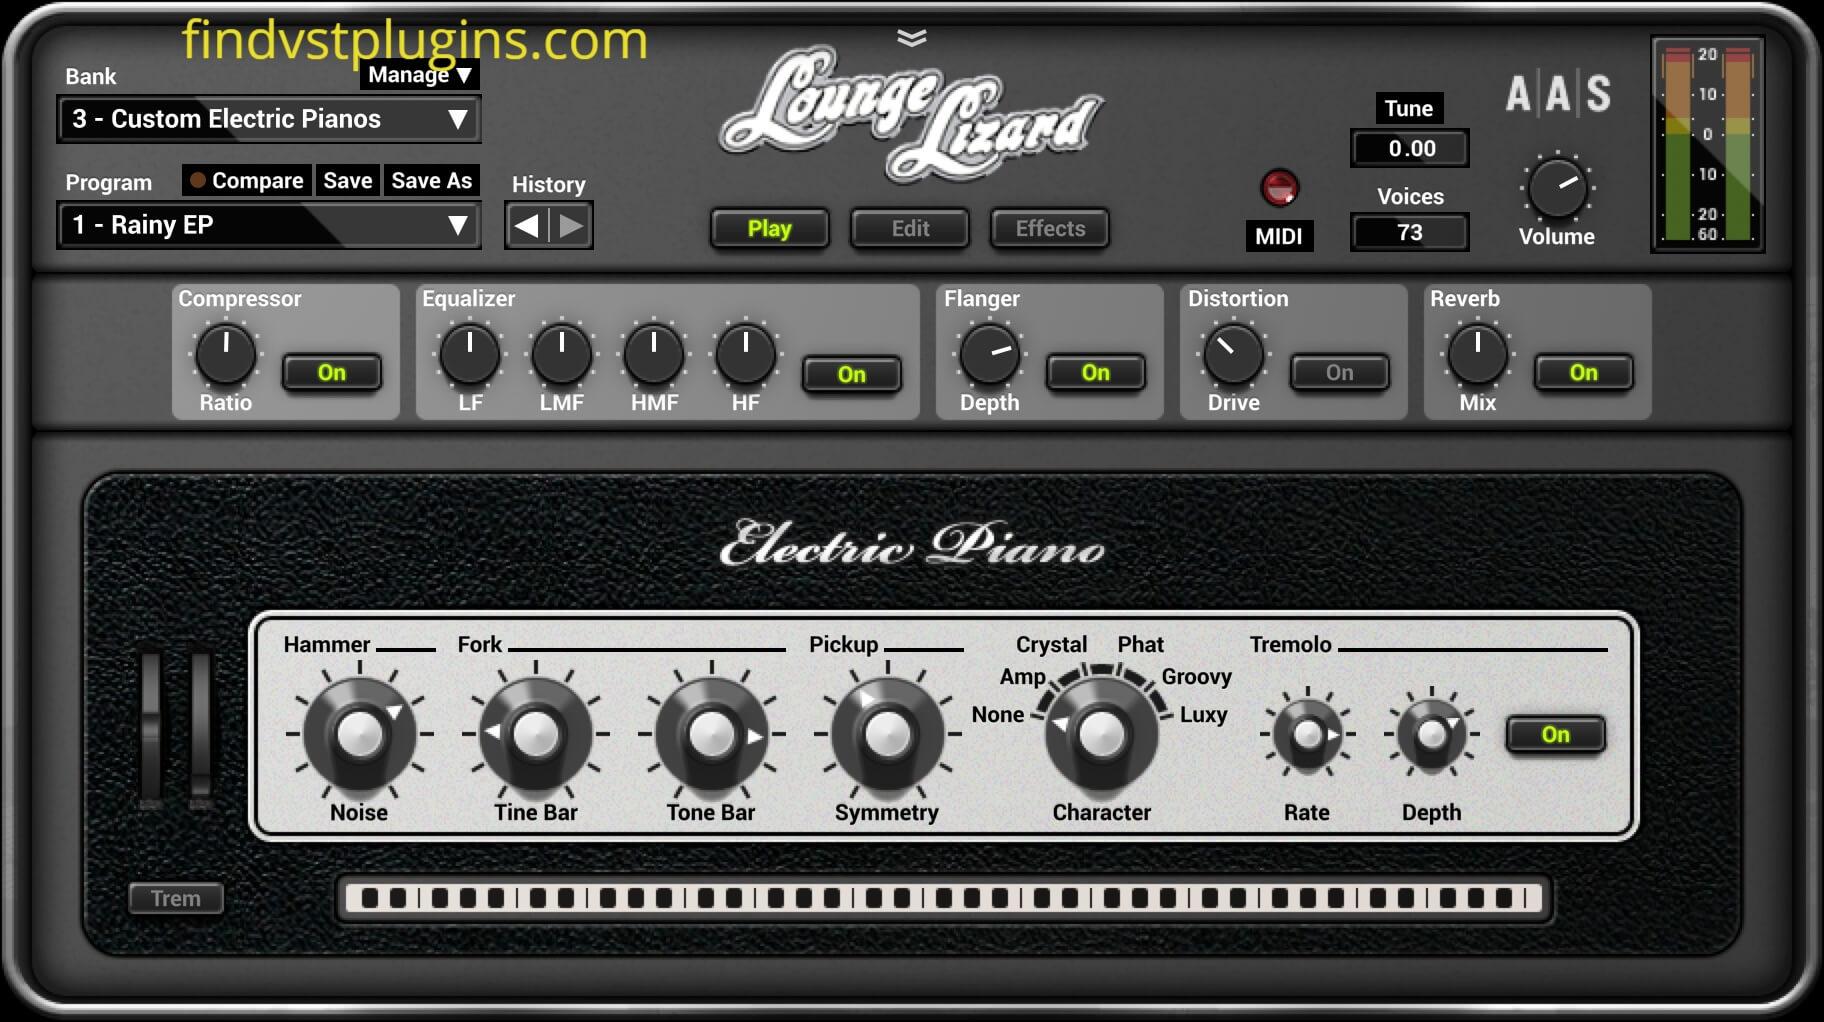 Lounge Lizard VST Full Crack + Torrent Free Download